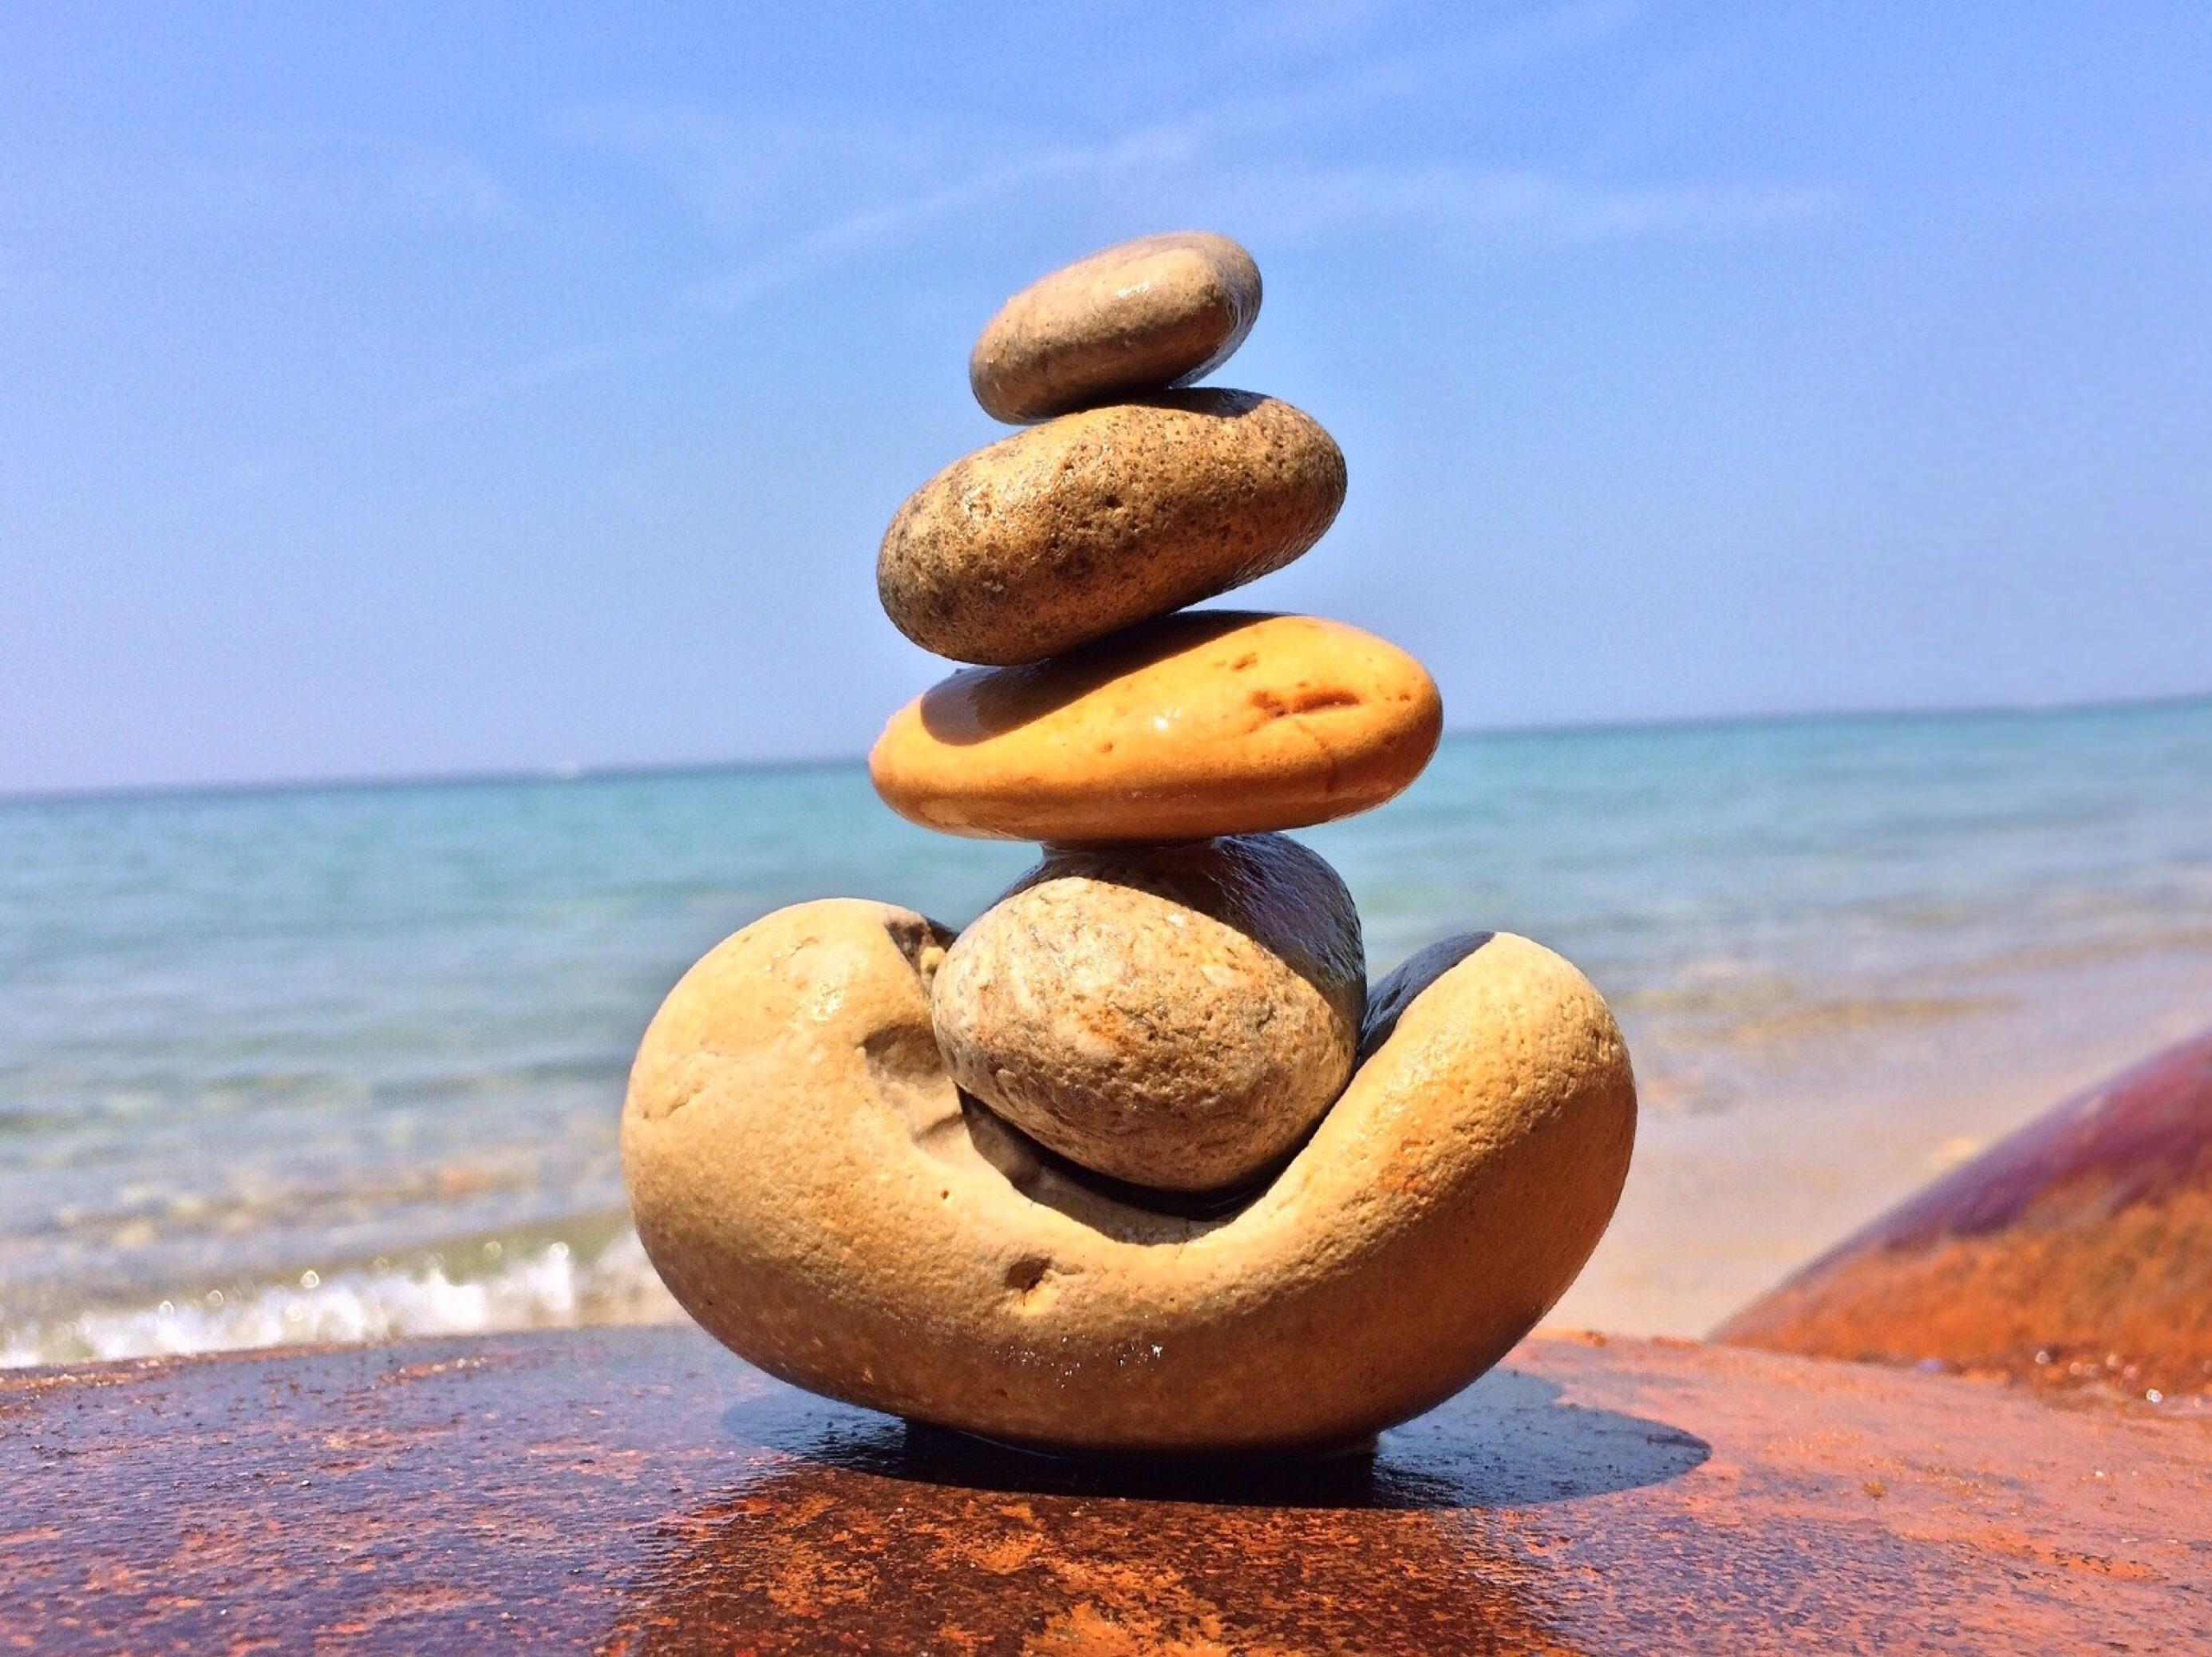 баланс равновесие картинка брать малое омовение